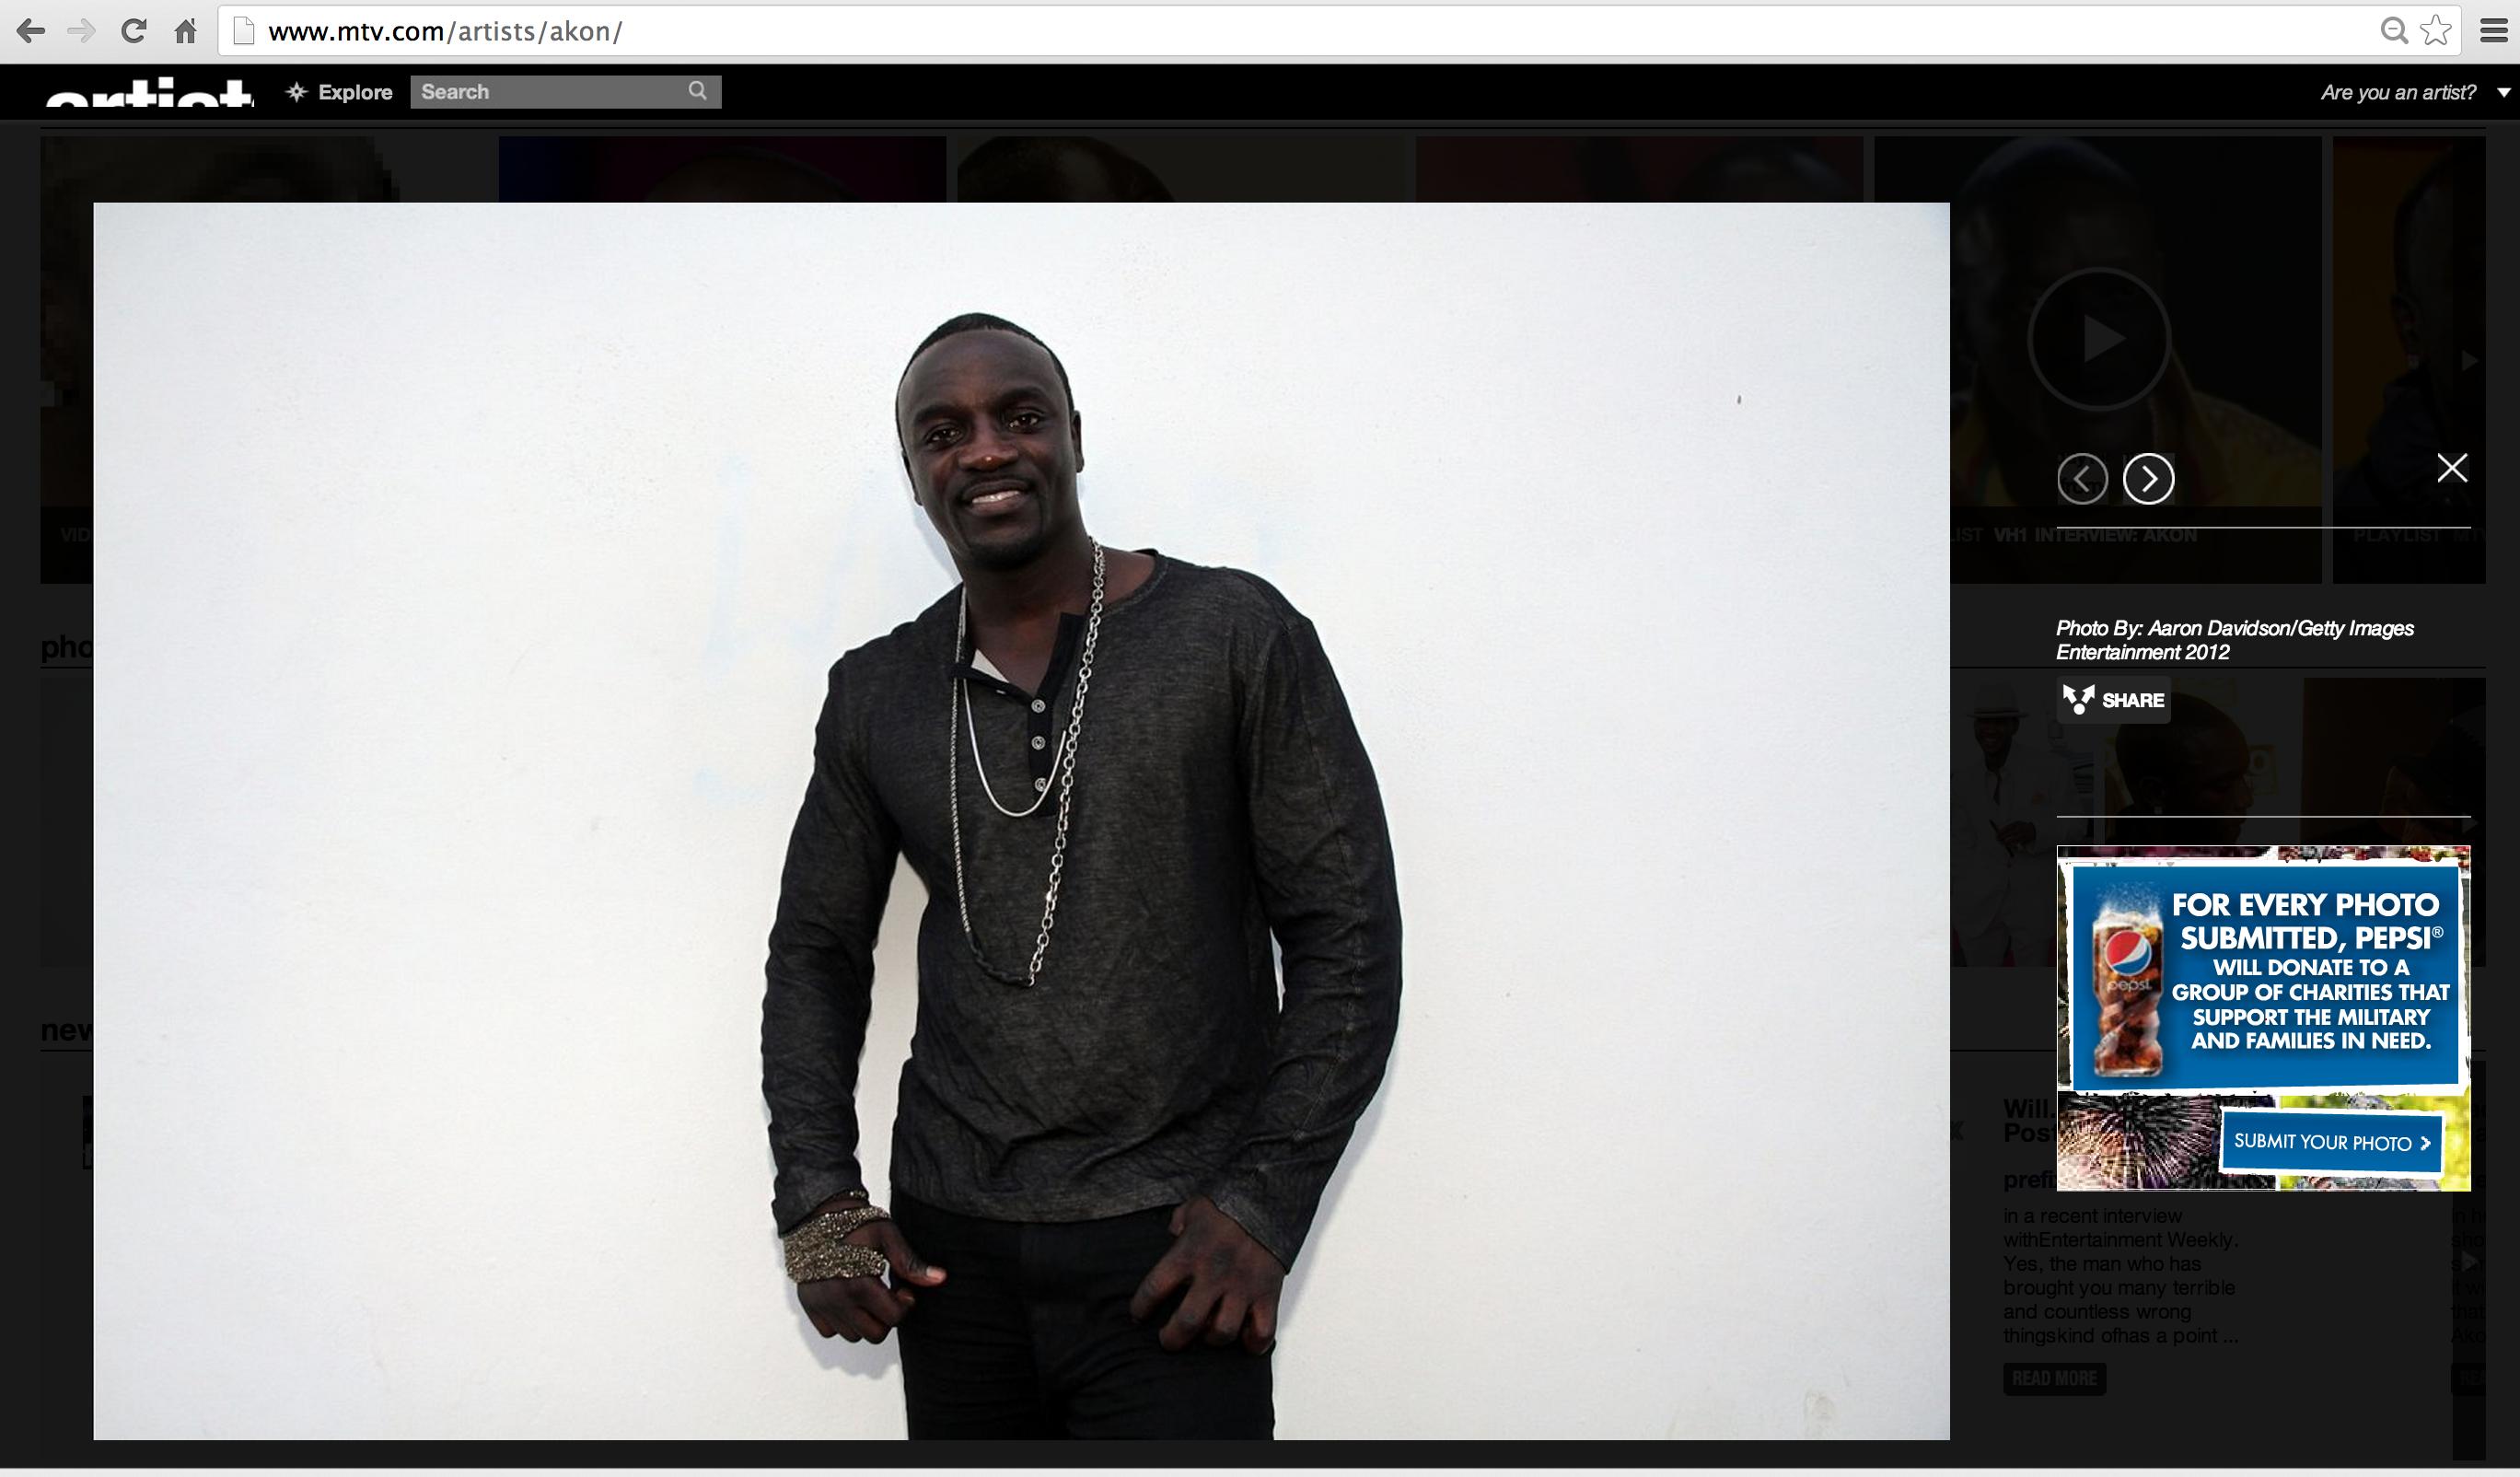 Akon on mtv.com